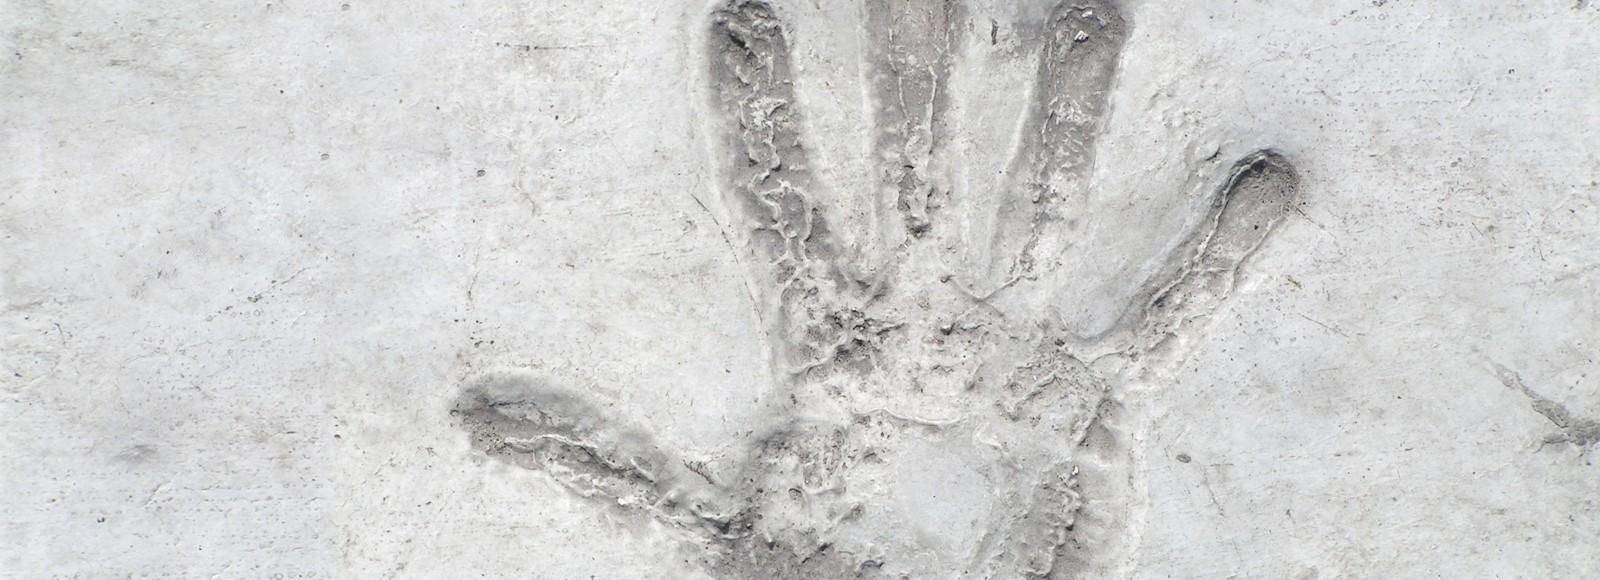 hand-1100316